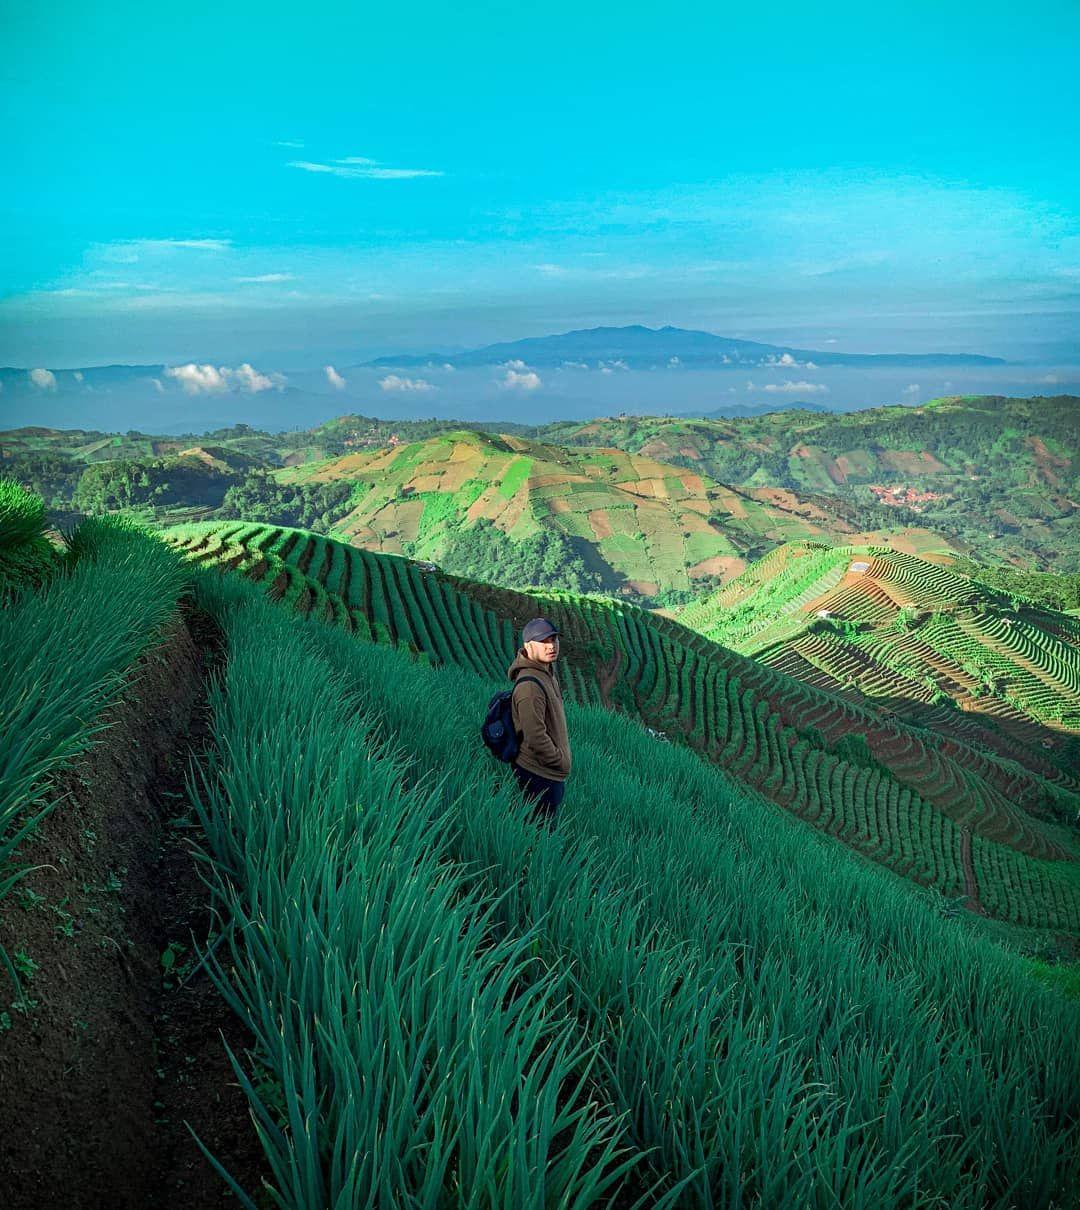 Tulis Cerita Traveling Kamu Dan Kirim Tulisan Yoexplore Indonesia Cerita Asia